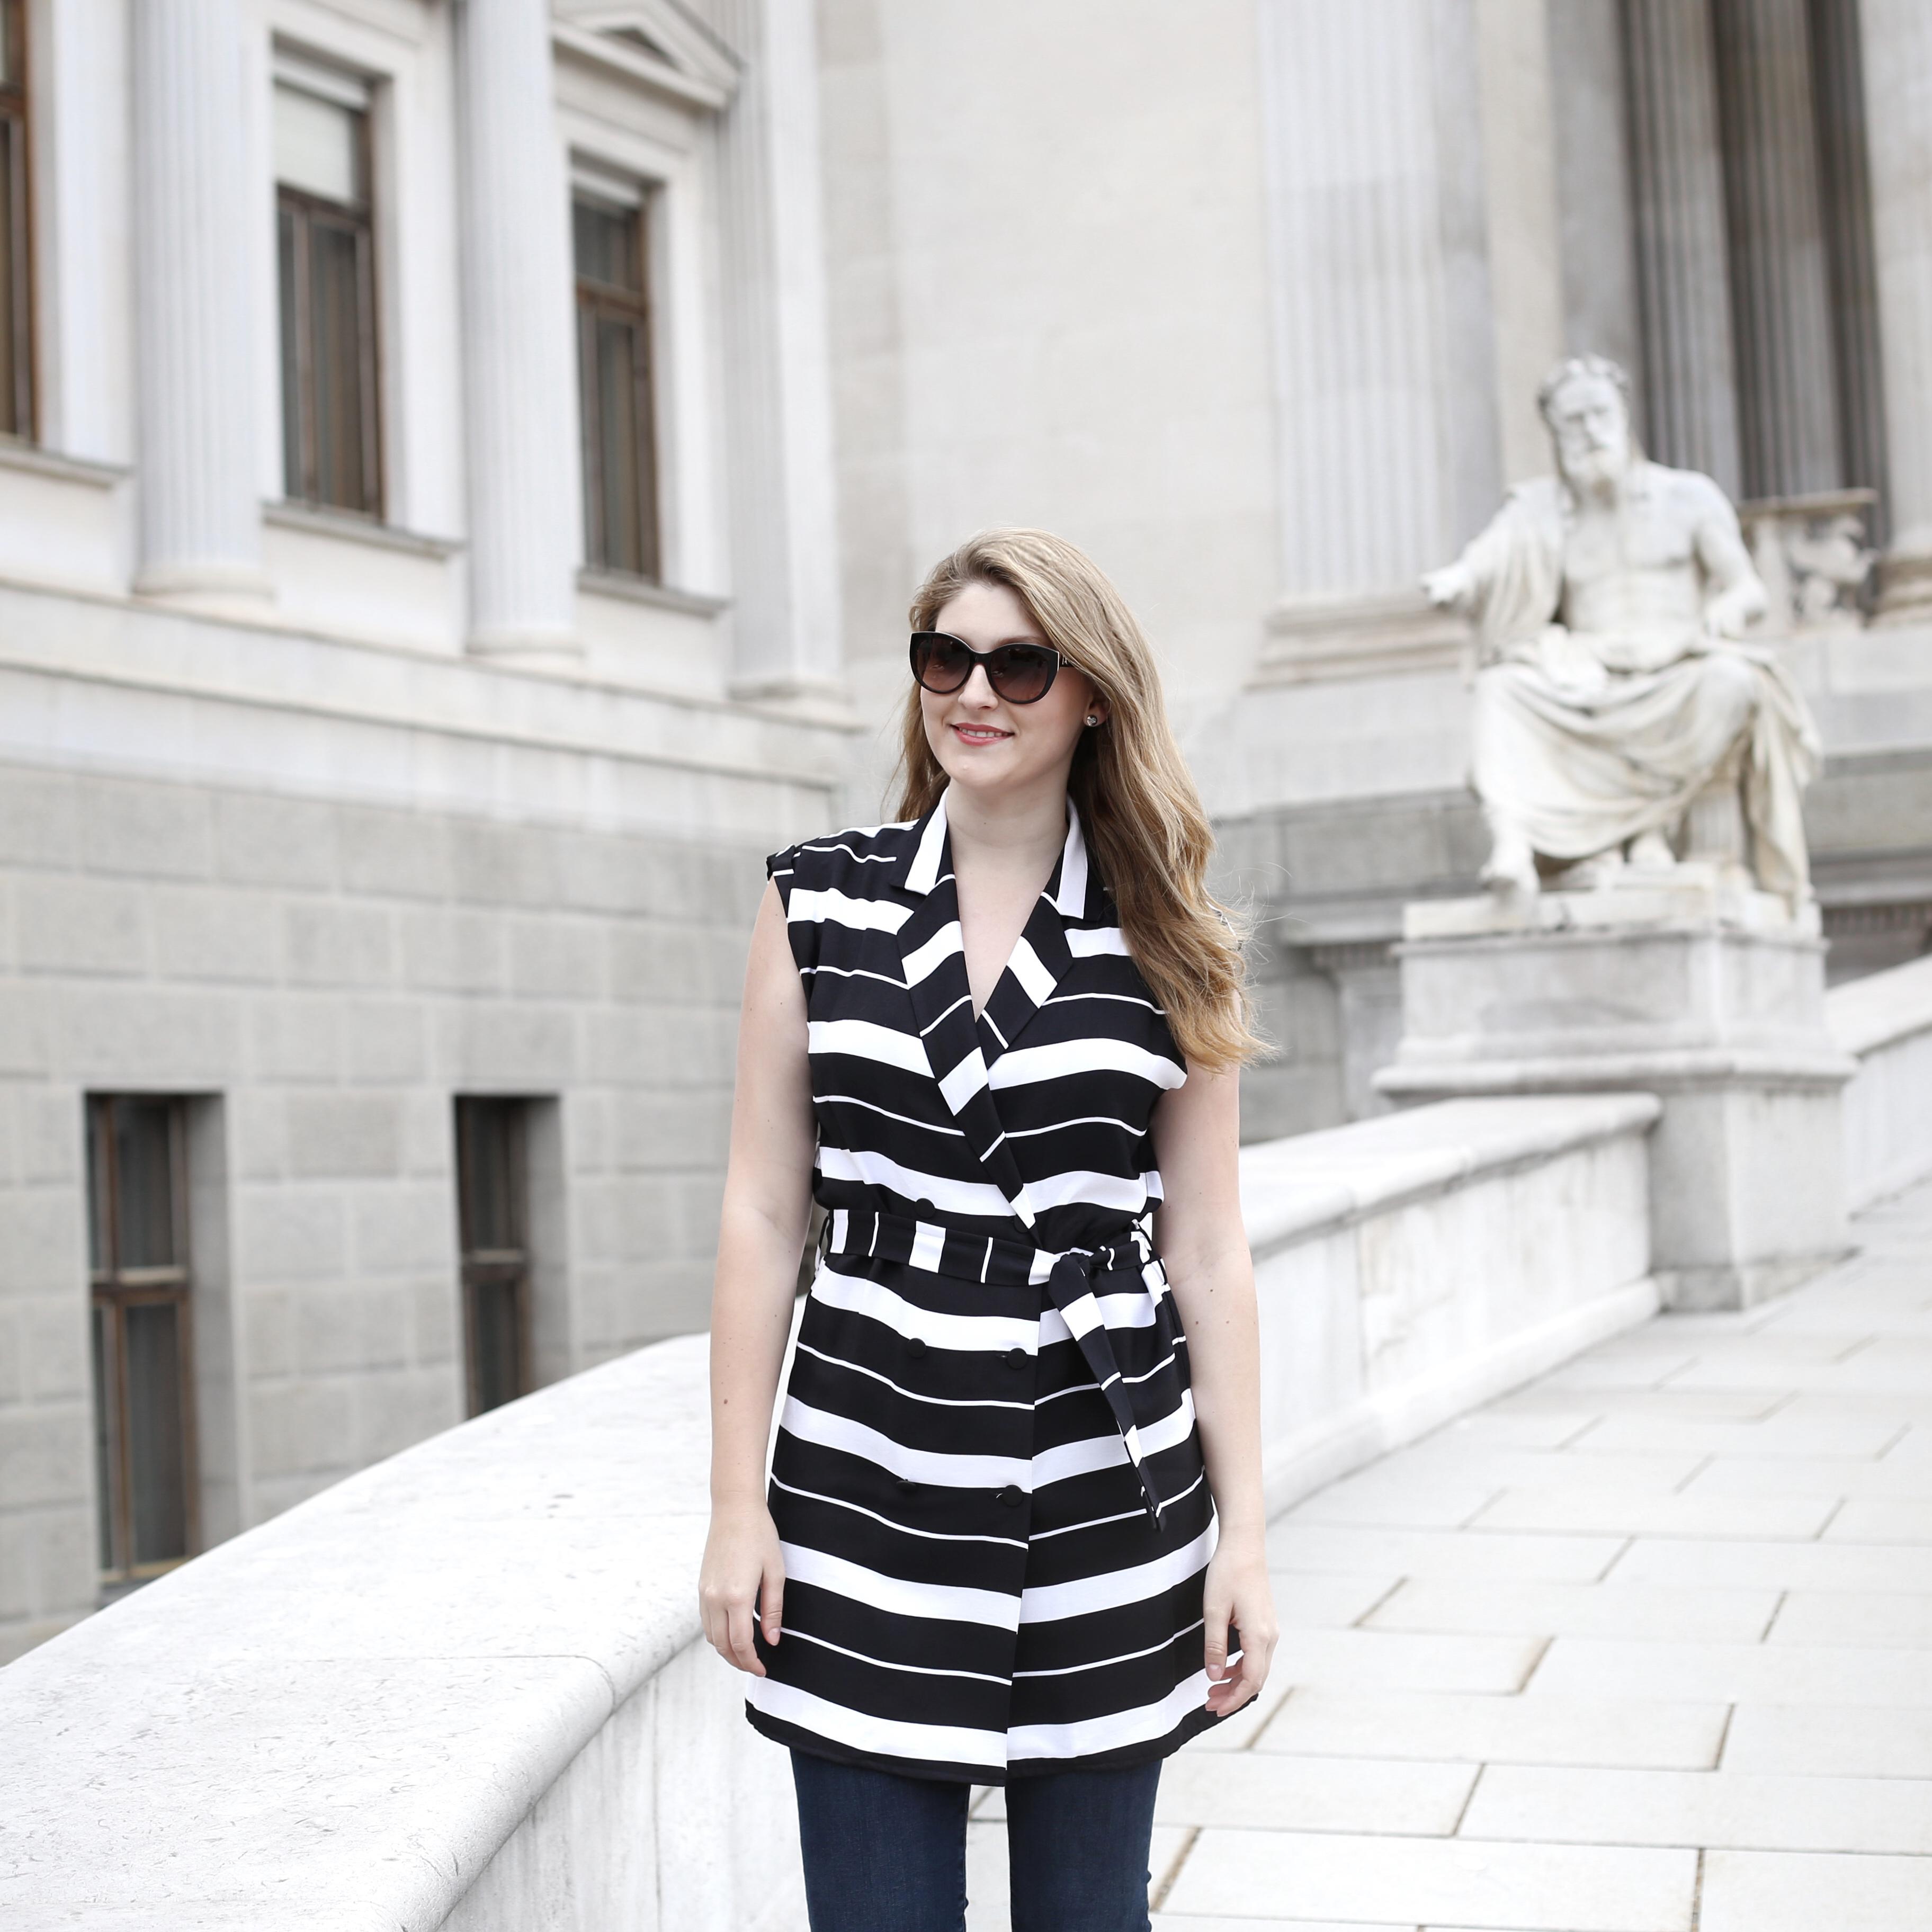 wien_outfit_beautyjunkie_fashionblogger_1.jpg